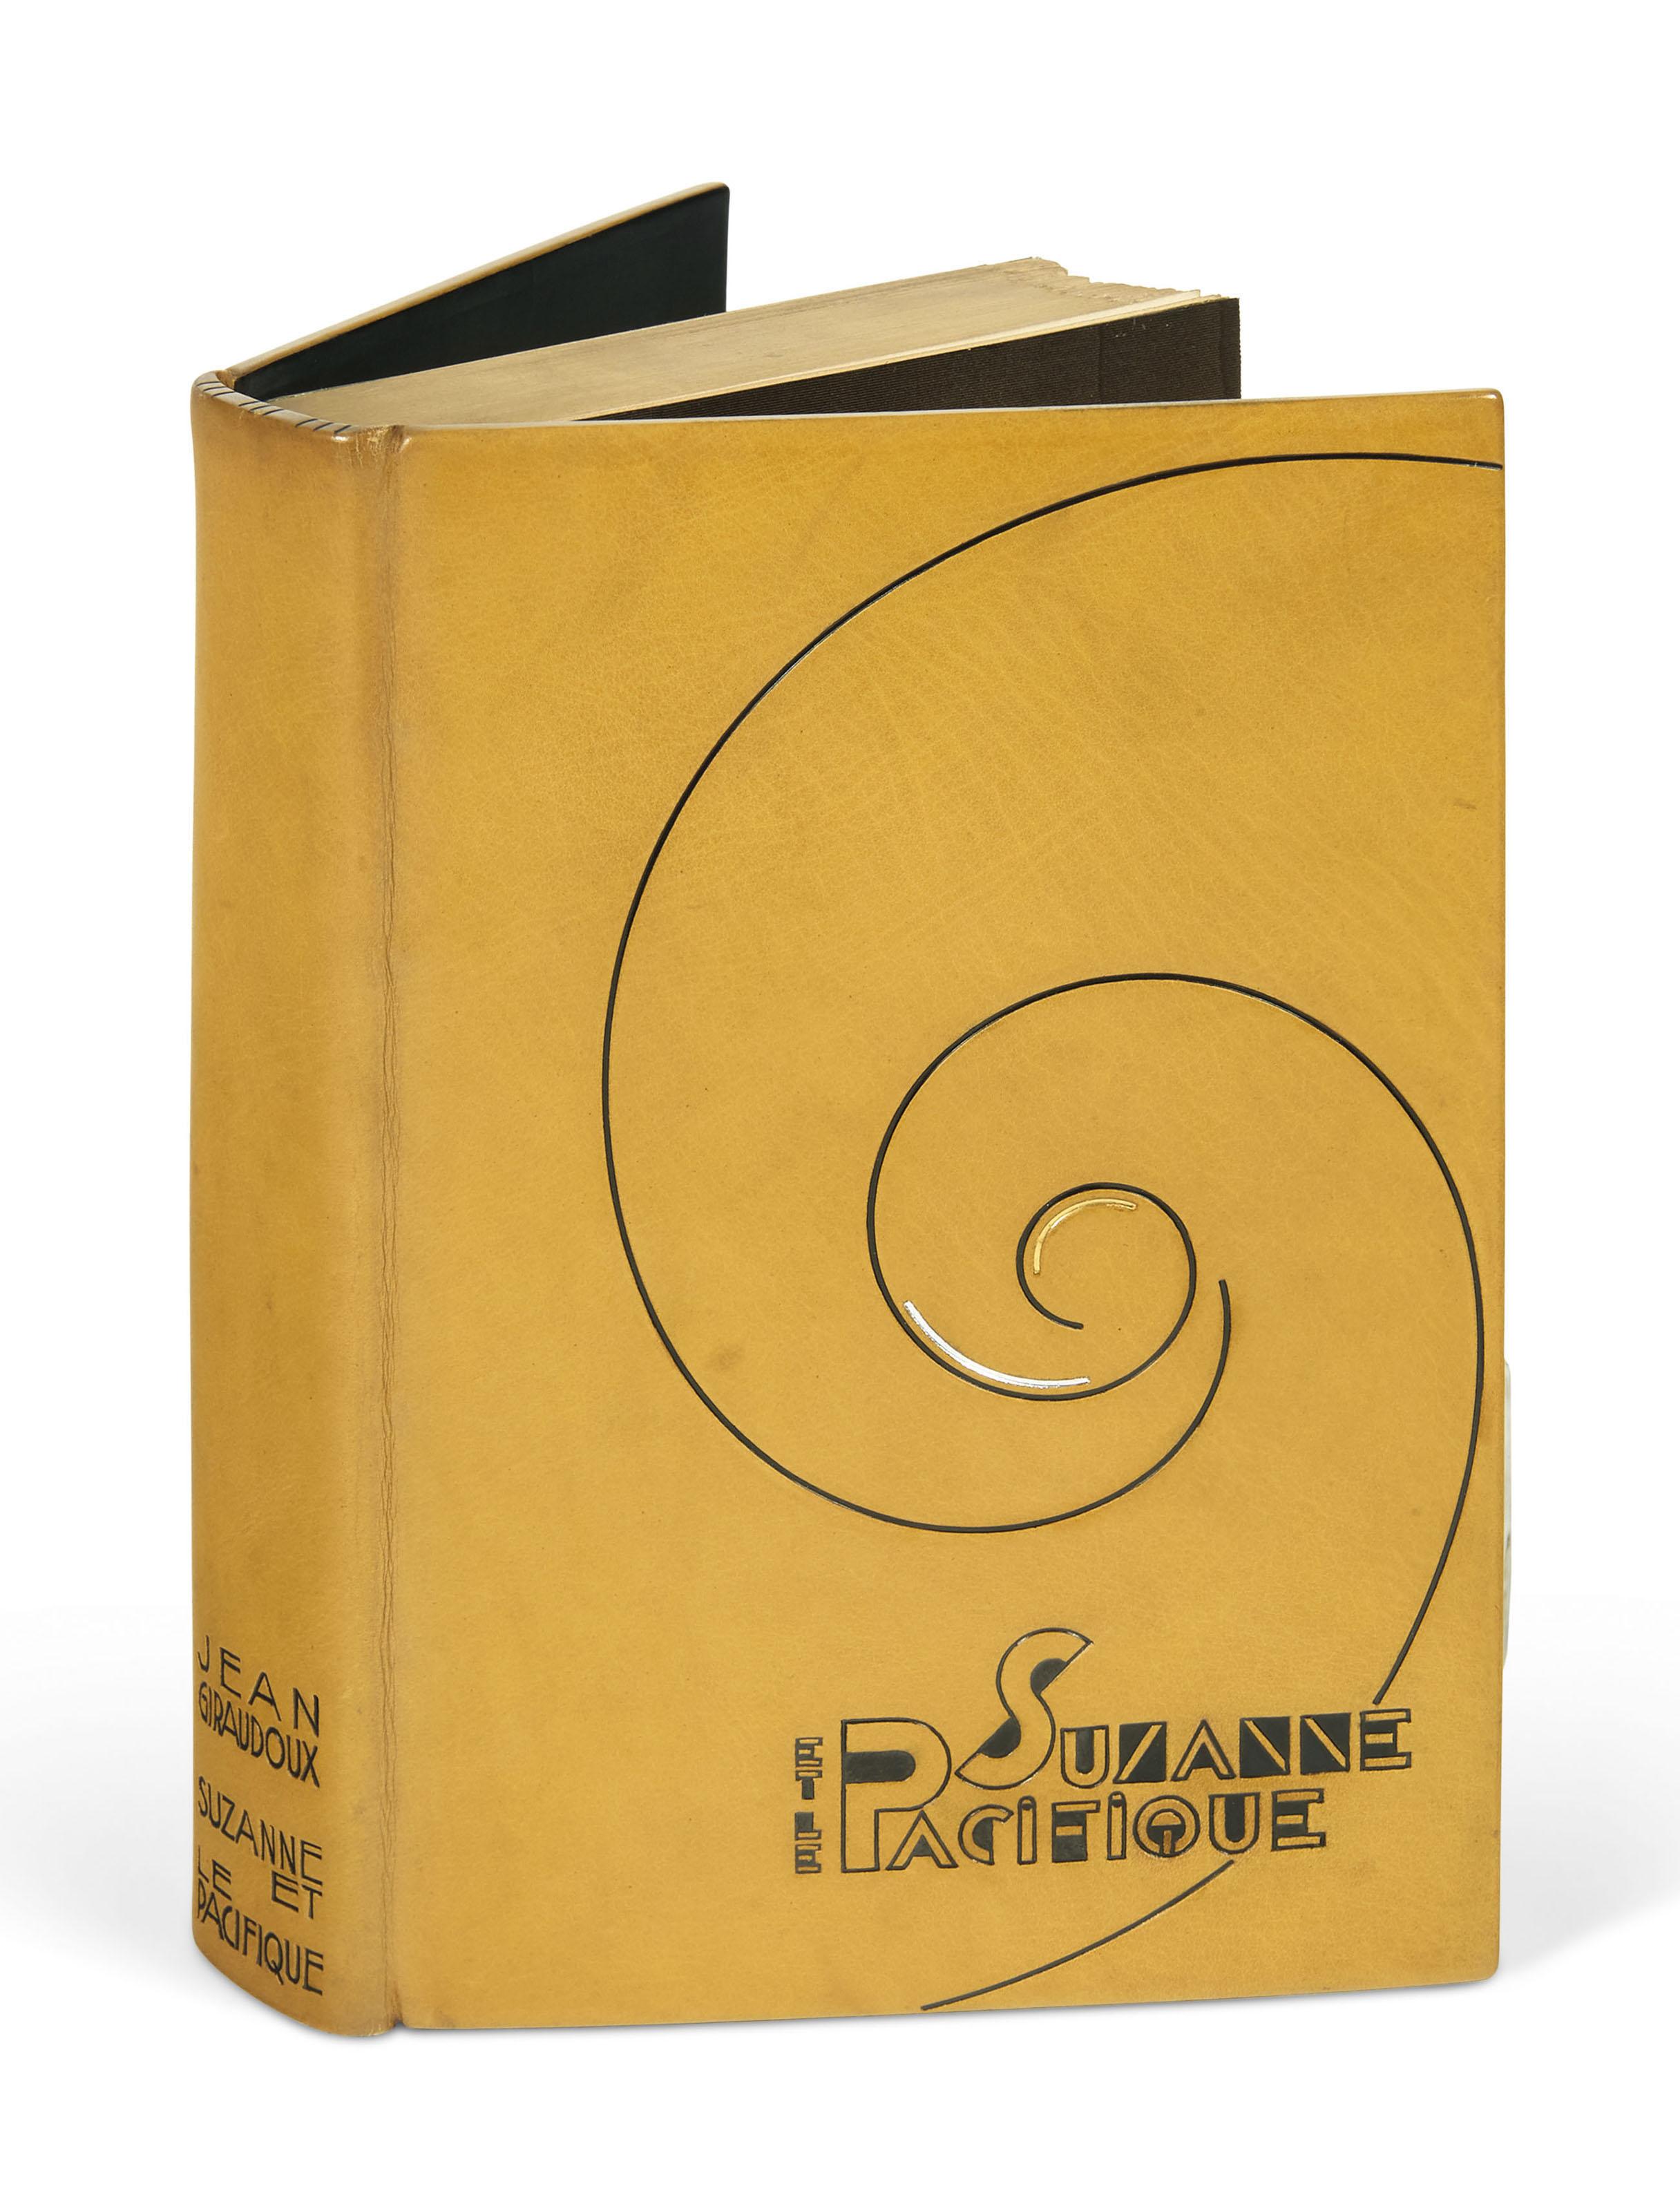 GIRAUDOUX (J.). Suzanne et le Pacifique. Paris, Émile-Paul frères, 1921, in-12, box moutarde orné sur les plats d'une spirale poussée à l'œser noir, or et palladium, premier plat portant le titre de l'ouvrage mosaïqué de même box avec des jeux d'aplats et de filets à l'œser noir, dos lisse avec en pied le nom de l'auteur et le titre de l'ouvrage frappé à l'œser noir, doublure bord à bord de box noir, gardes de soie moirée tête-de-nègre, double garde de papier métallisé or, couverture et dos, tranches dorées sur témoins, chemise et étui gainés de box moutarde (Rose Adler 1930).